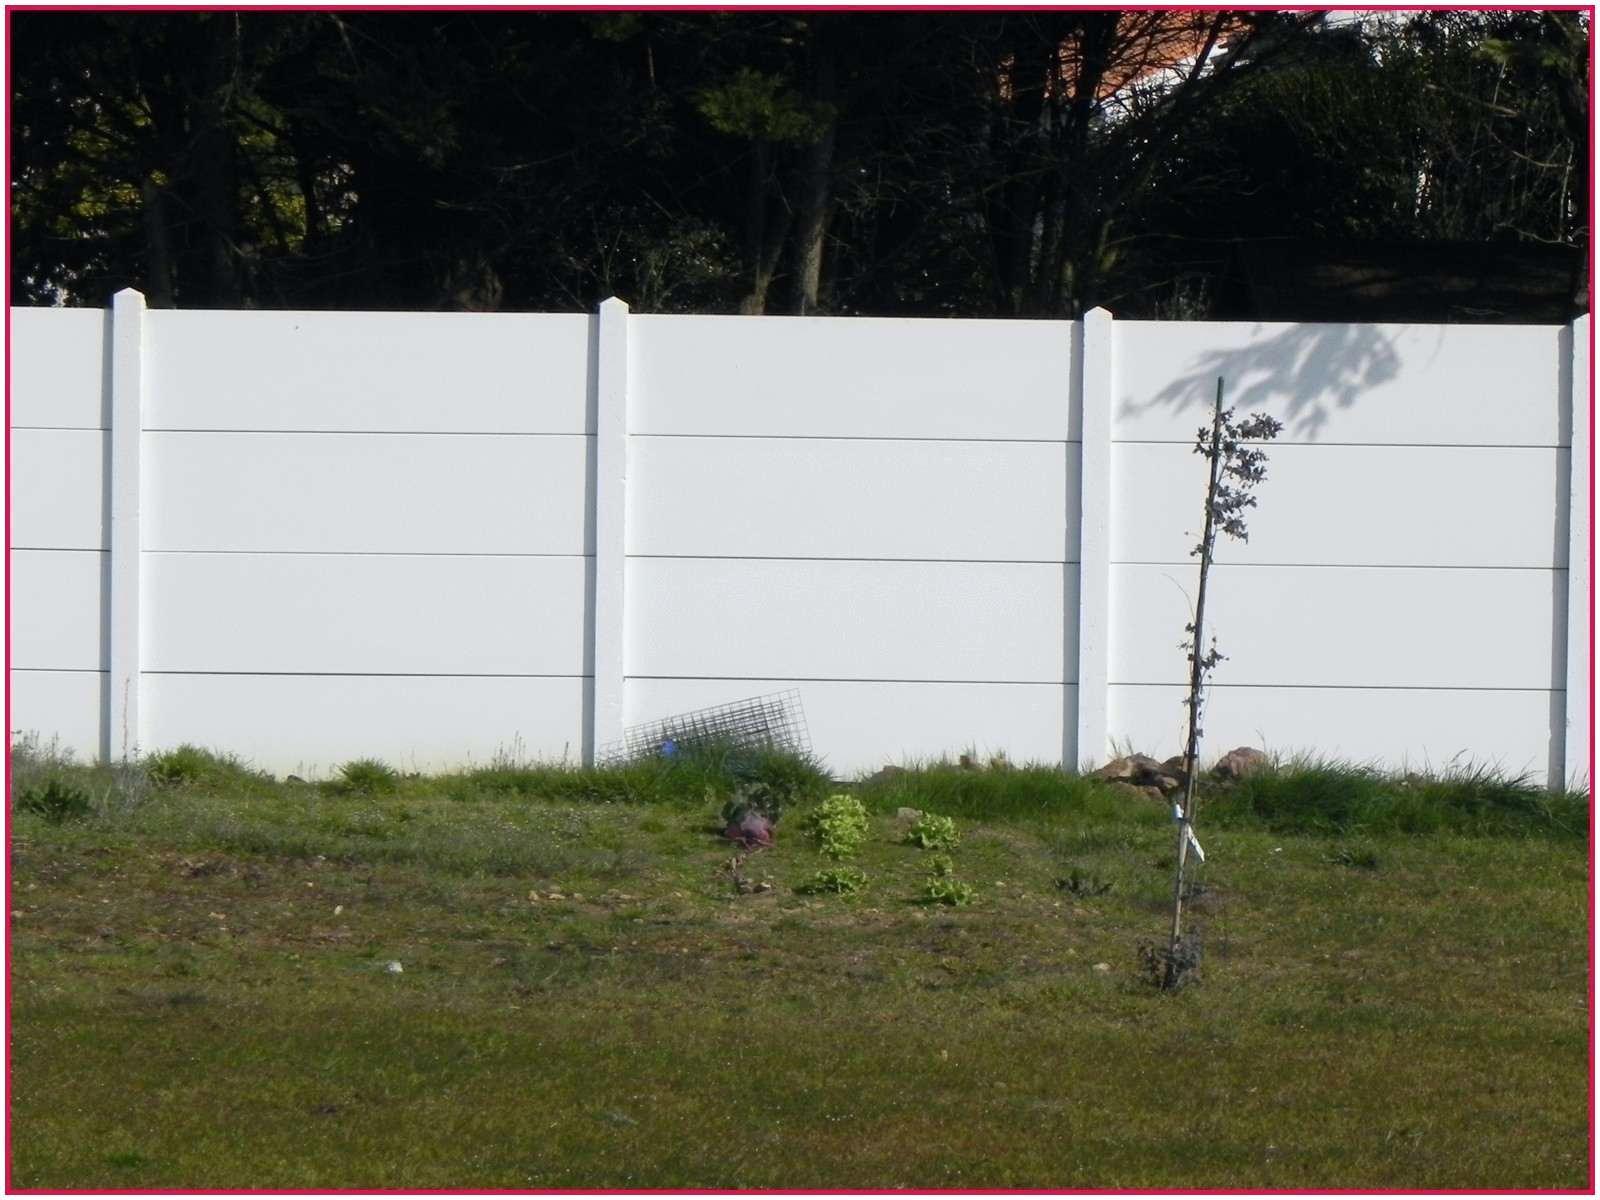 cloture de jardin castorama elegant emejing barriere de jardin castorama contemporary house design of cloture de jardin castorama